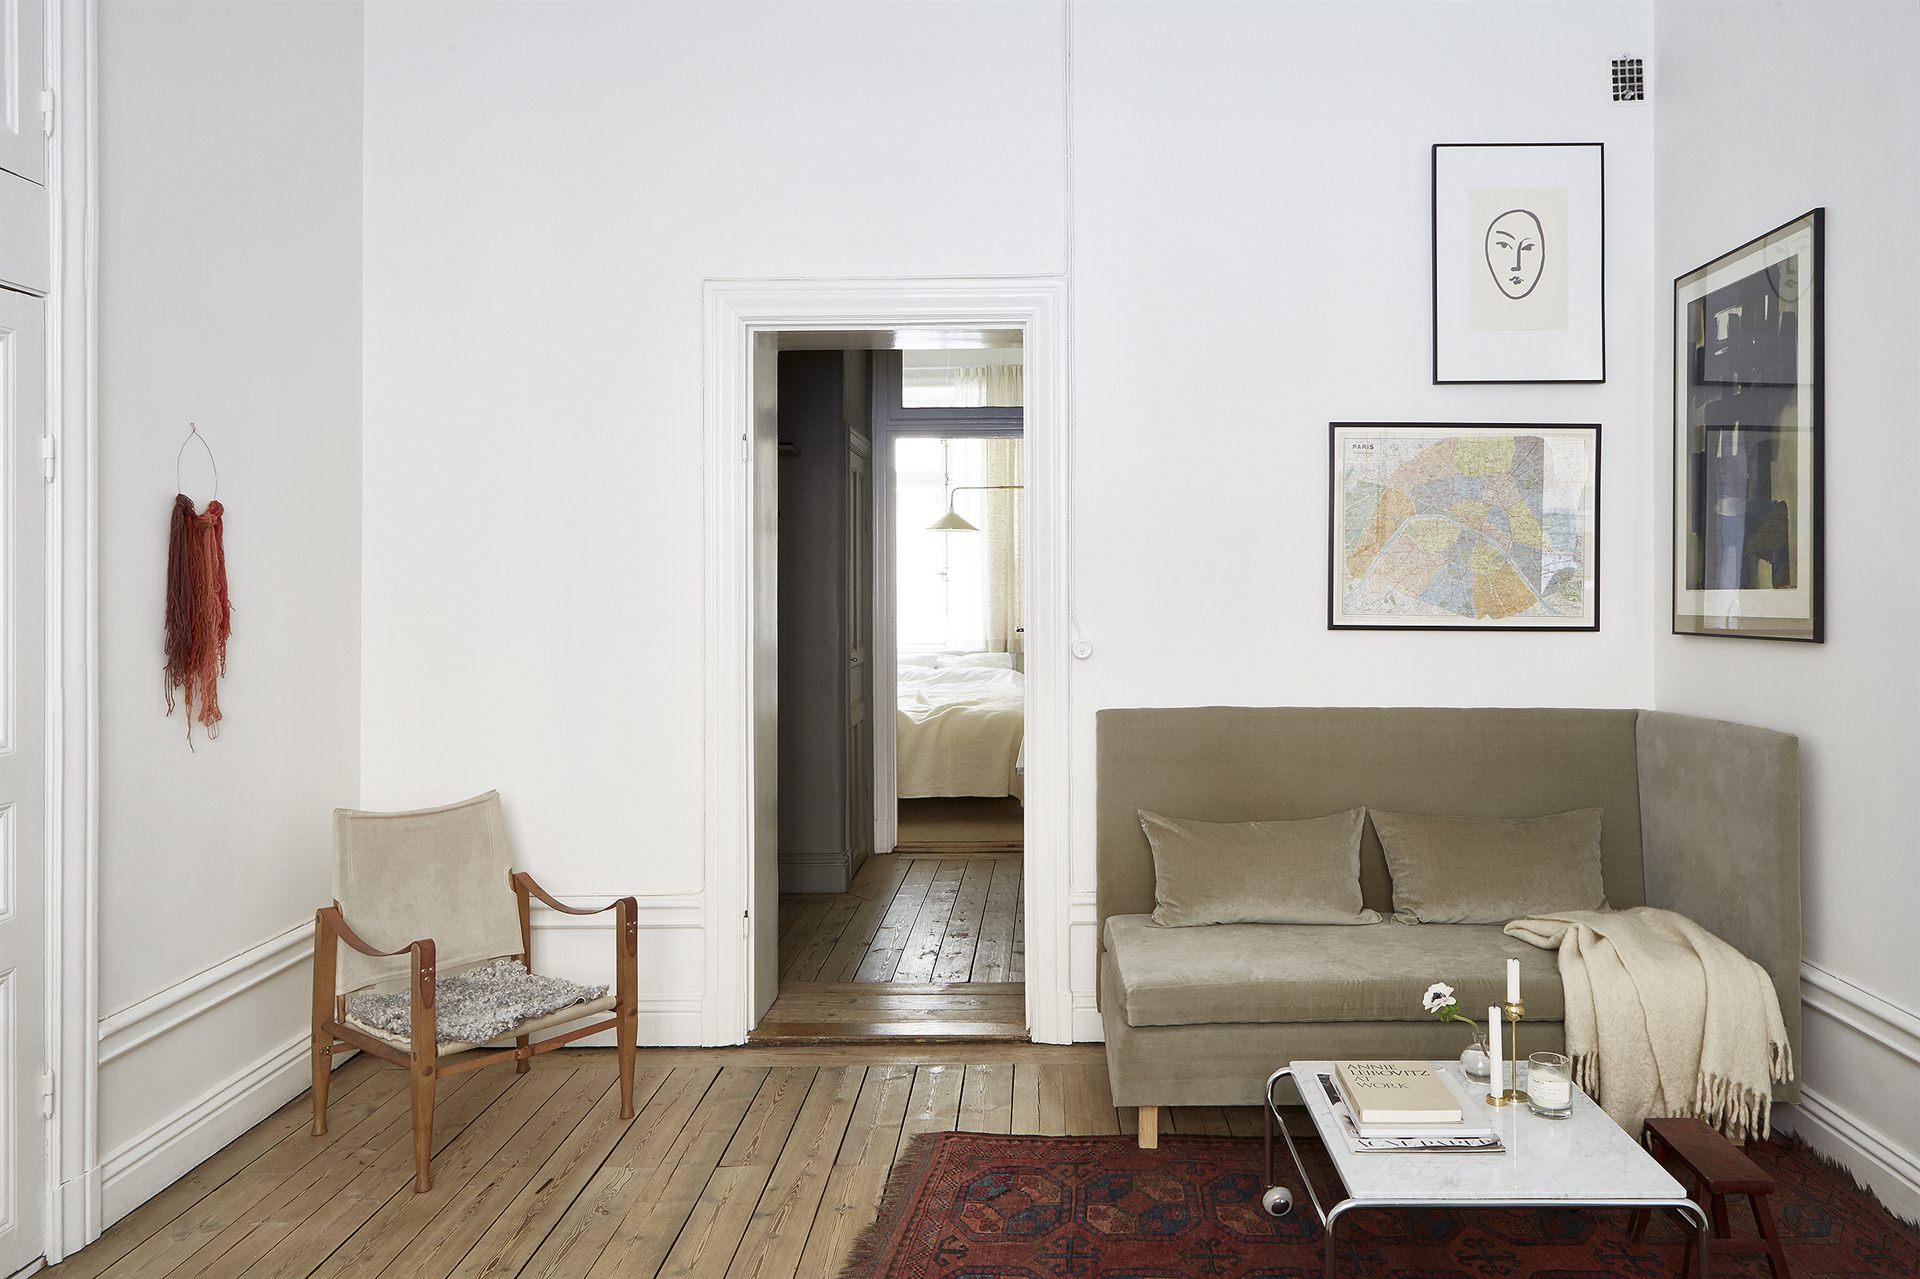 Бюджетный ремонт и декор в однокомнатной квартире